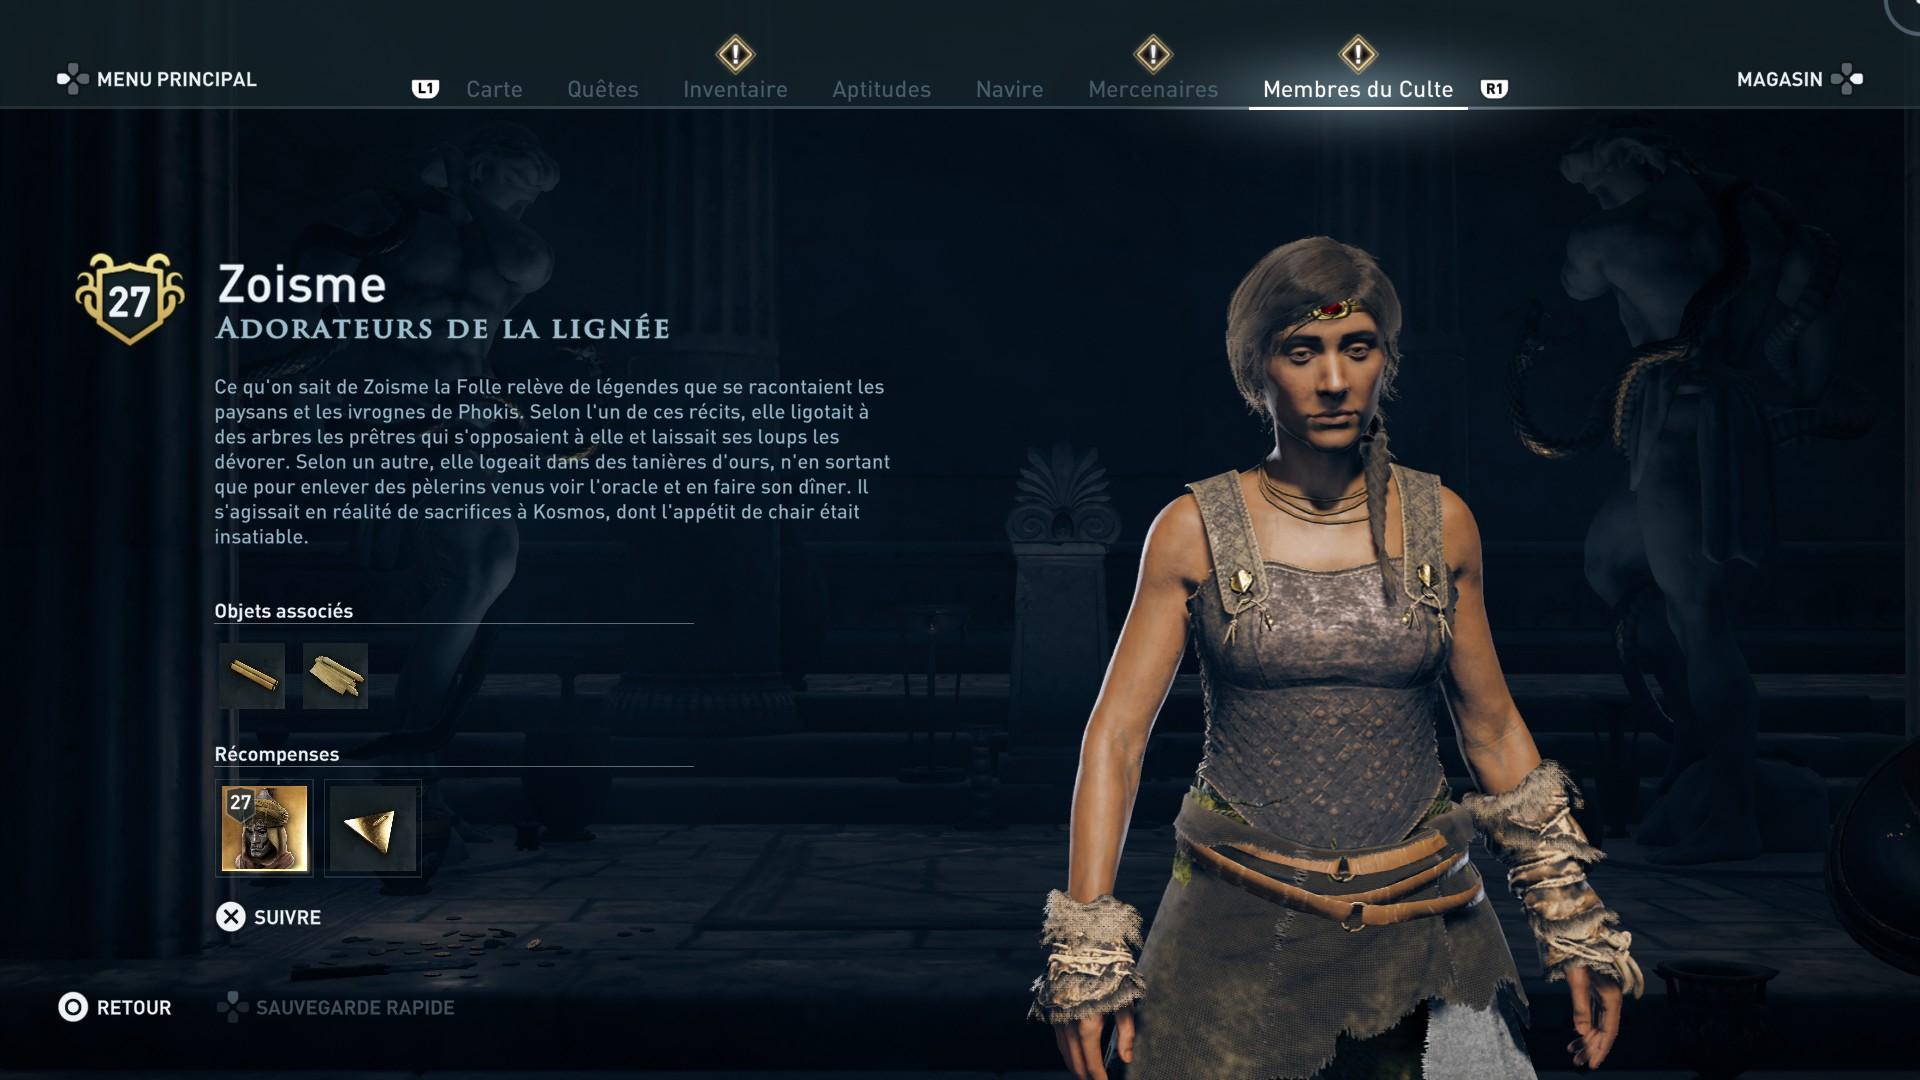 Assassin's Creed Odyssey trouver et tuer les adeptes du culte du Kosmos, ps4, xbox one, pc, ubisoft, jeu vidéo, adorateur de la lignée, zoisme